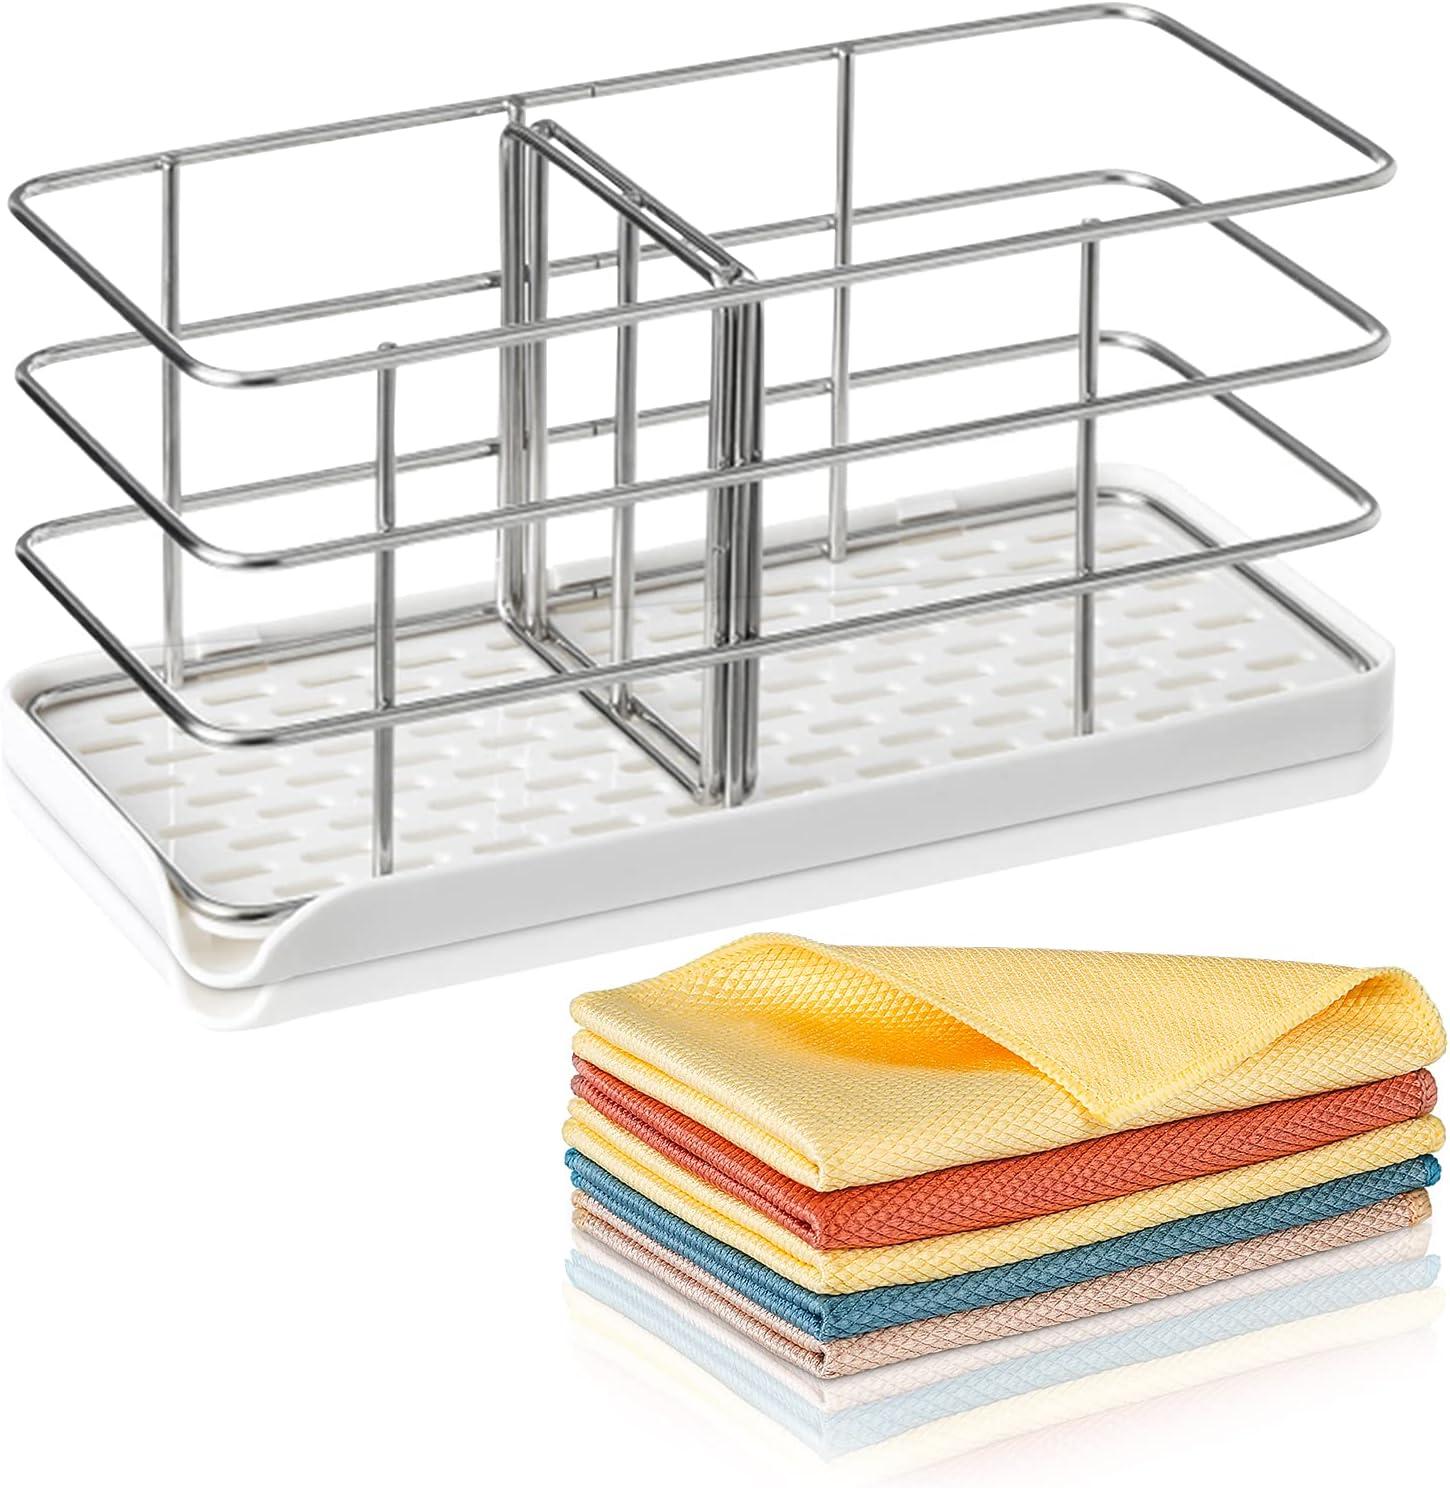 Max 88% OFF Sponge Holder for Kitchen Sink Partition GridïUnder blast sales with Adjustable